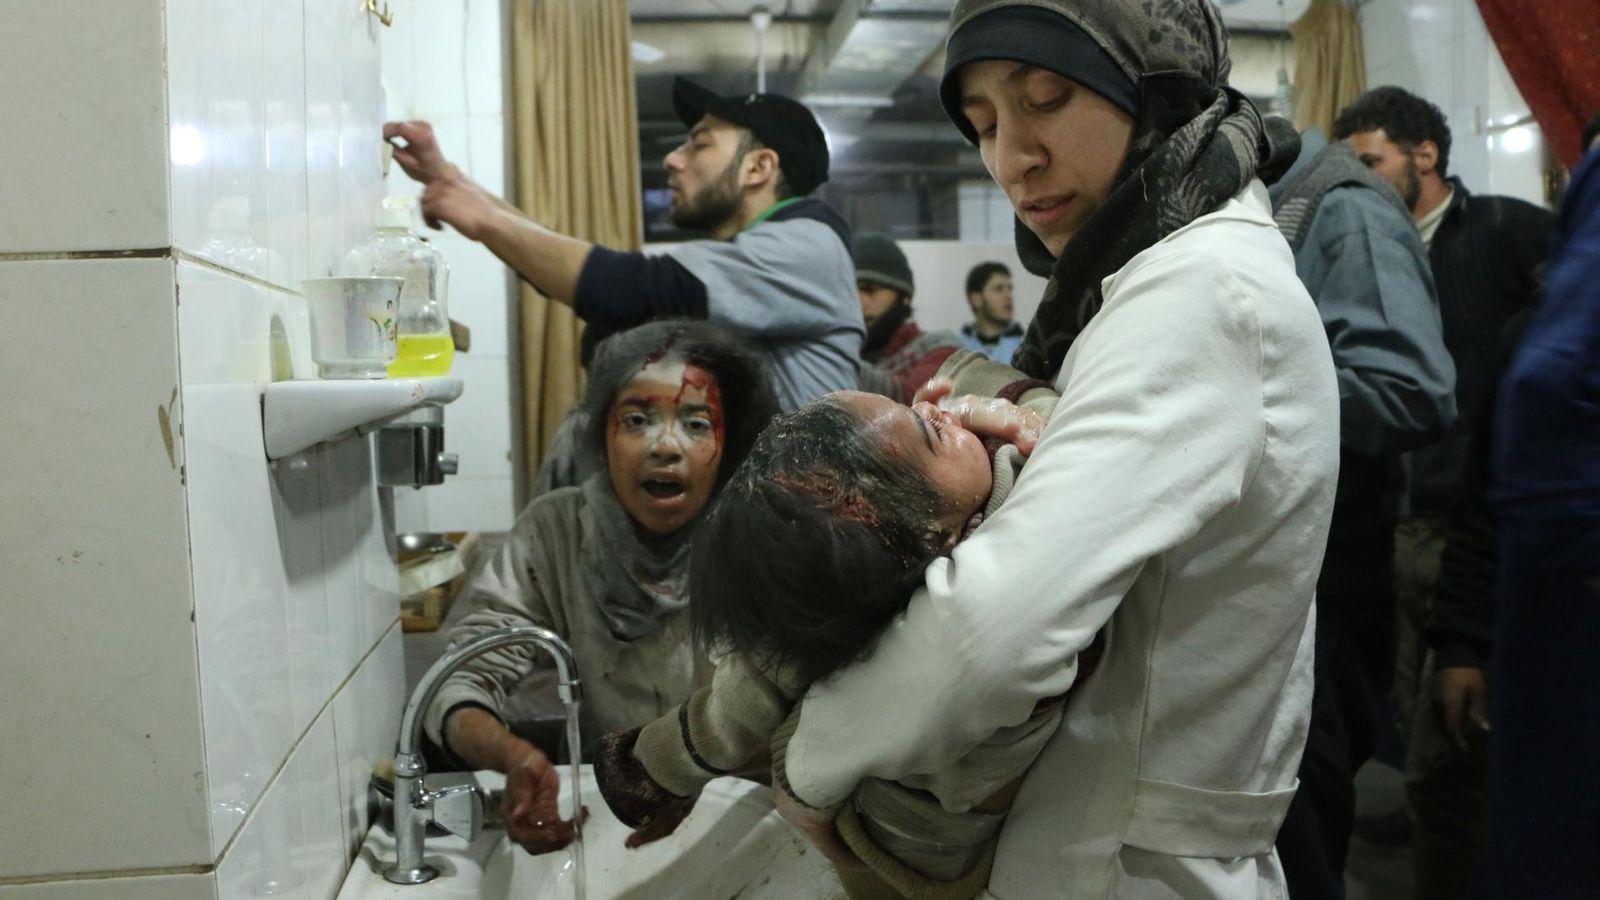 Al Ghouta, Syrien. Dr. Amani (rechts) behandelt zwischen anderen Verletzten und medizinischem Personal ein verletztes Baby.